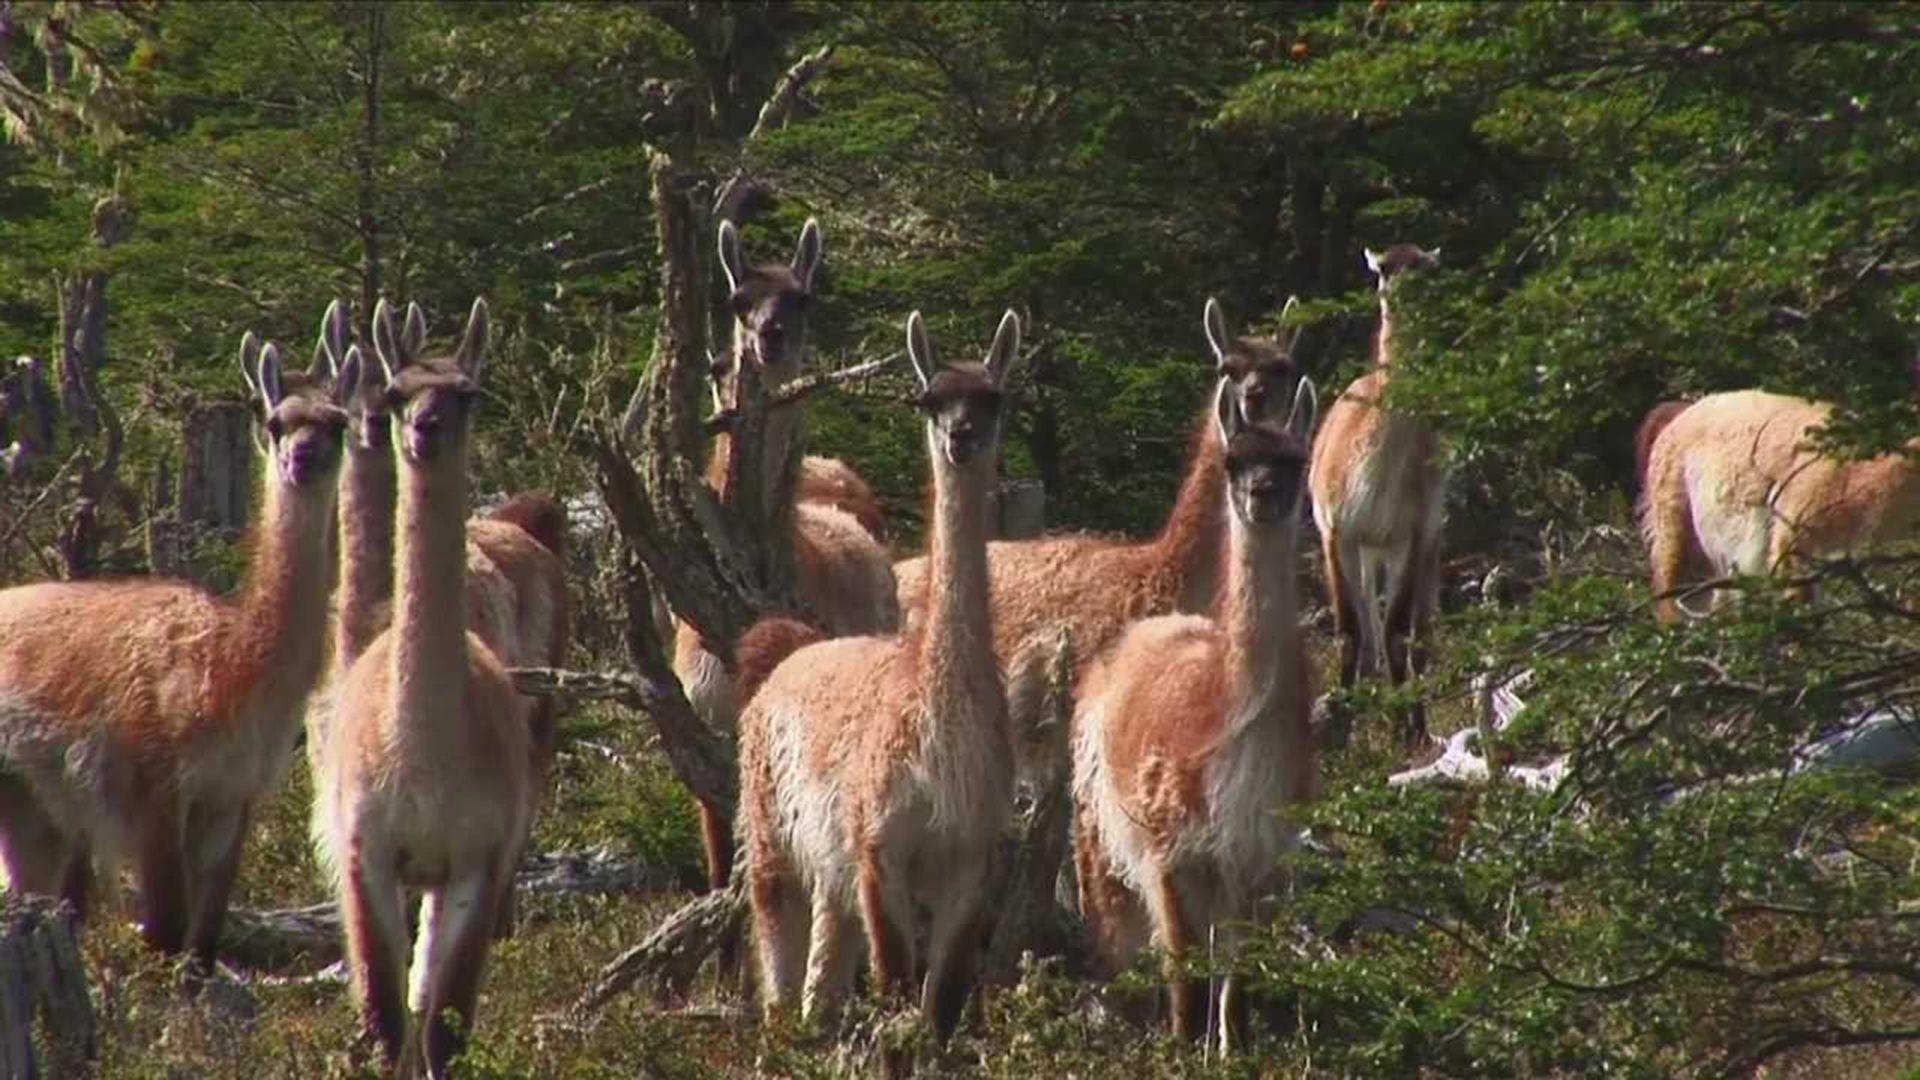 Se trata de la llama (Lama glama), un mamífero artiodáctilo de la familia Camelidae